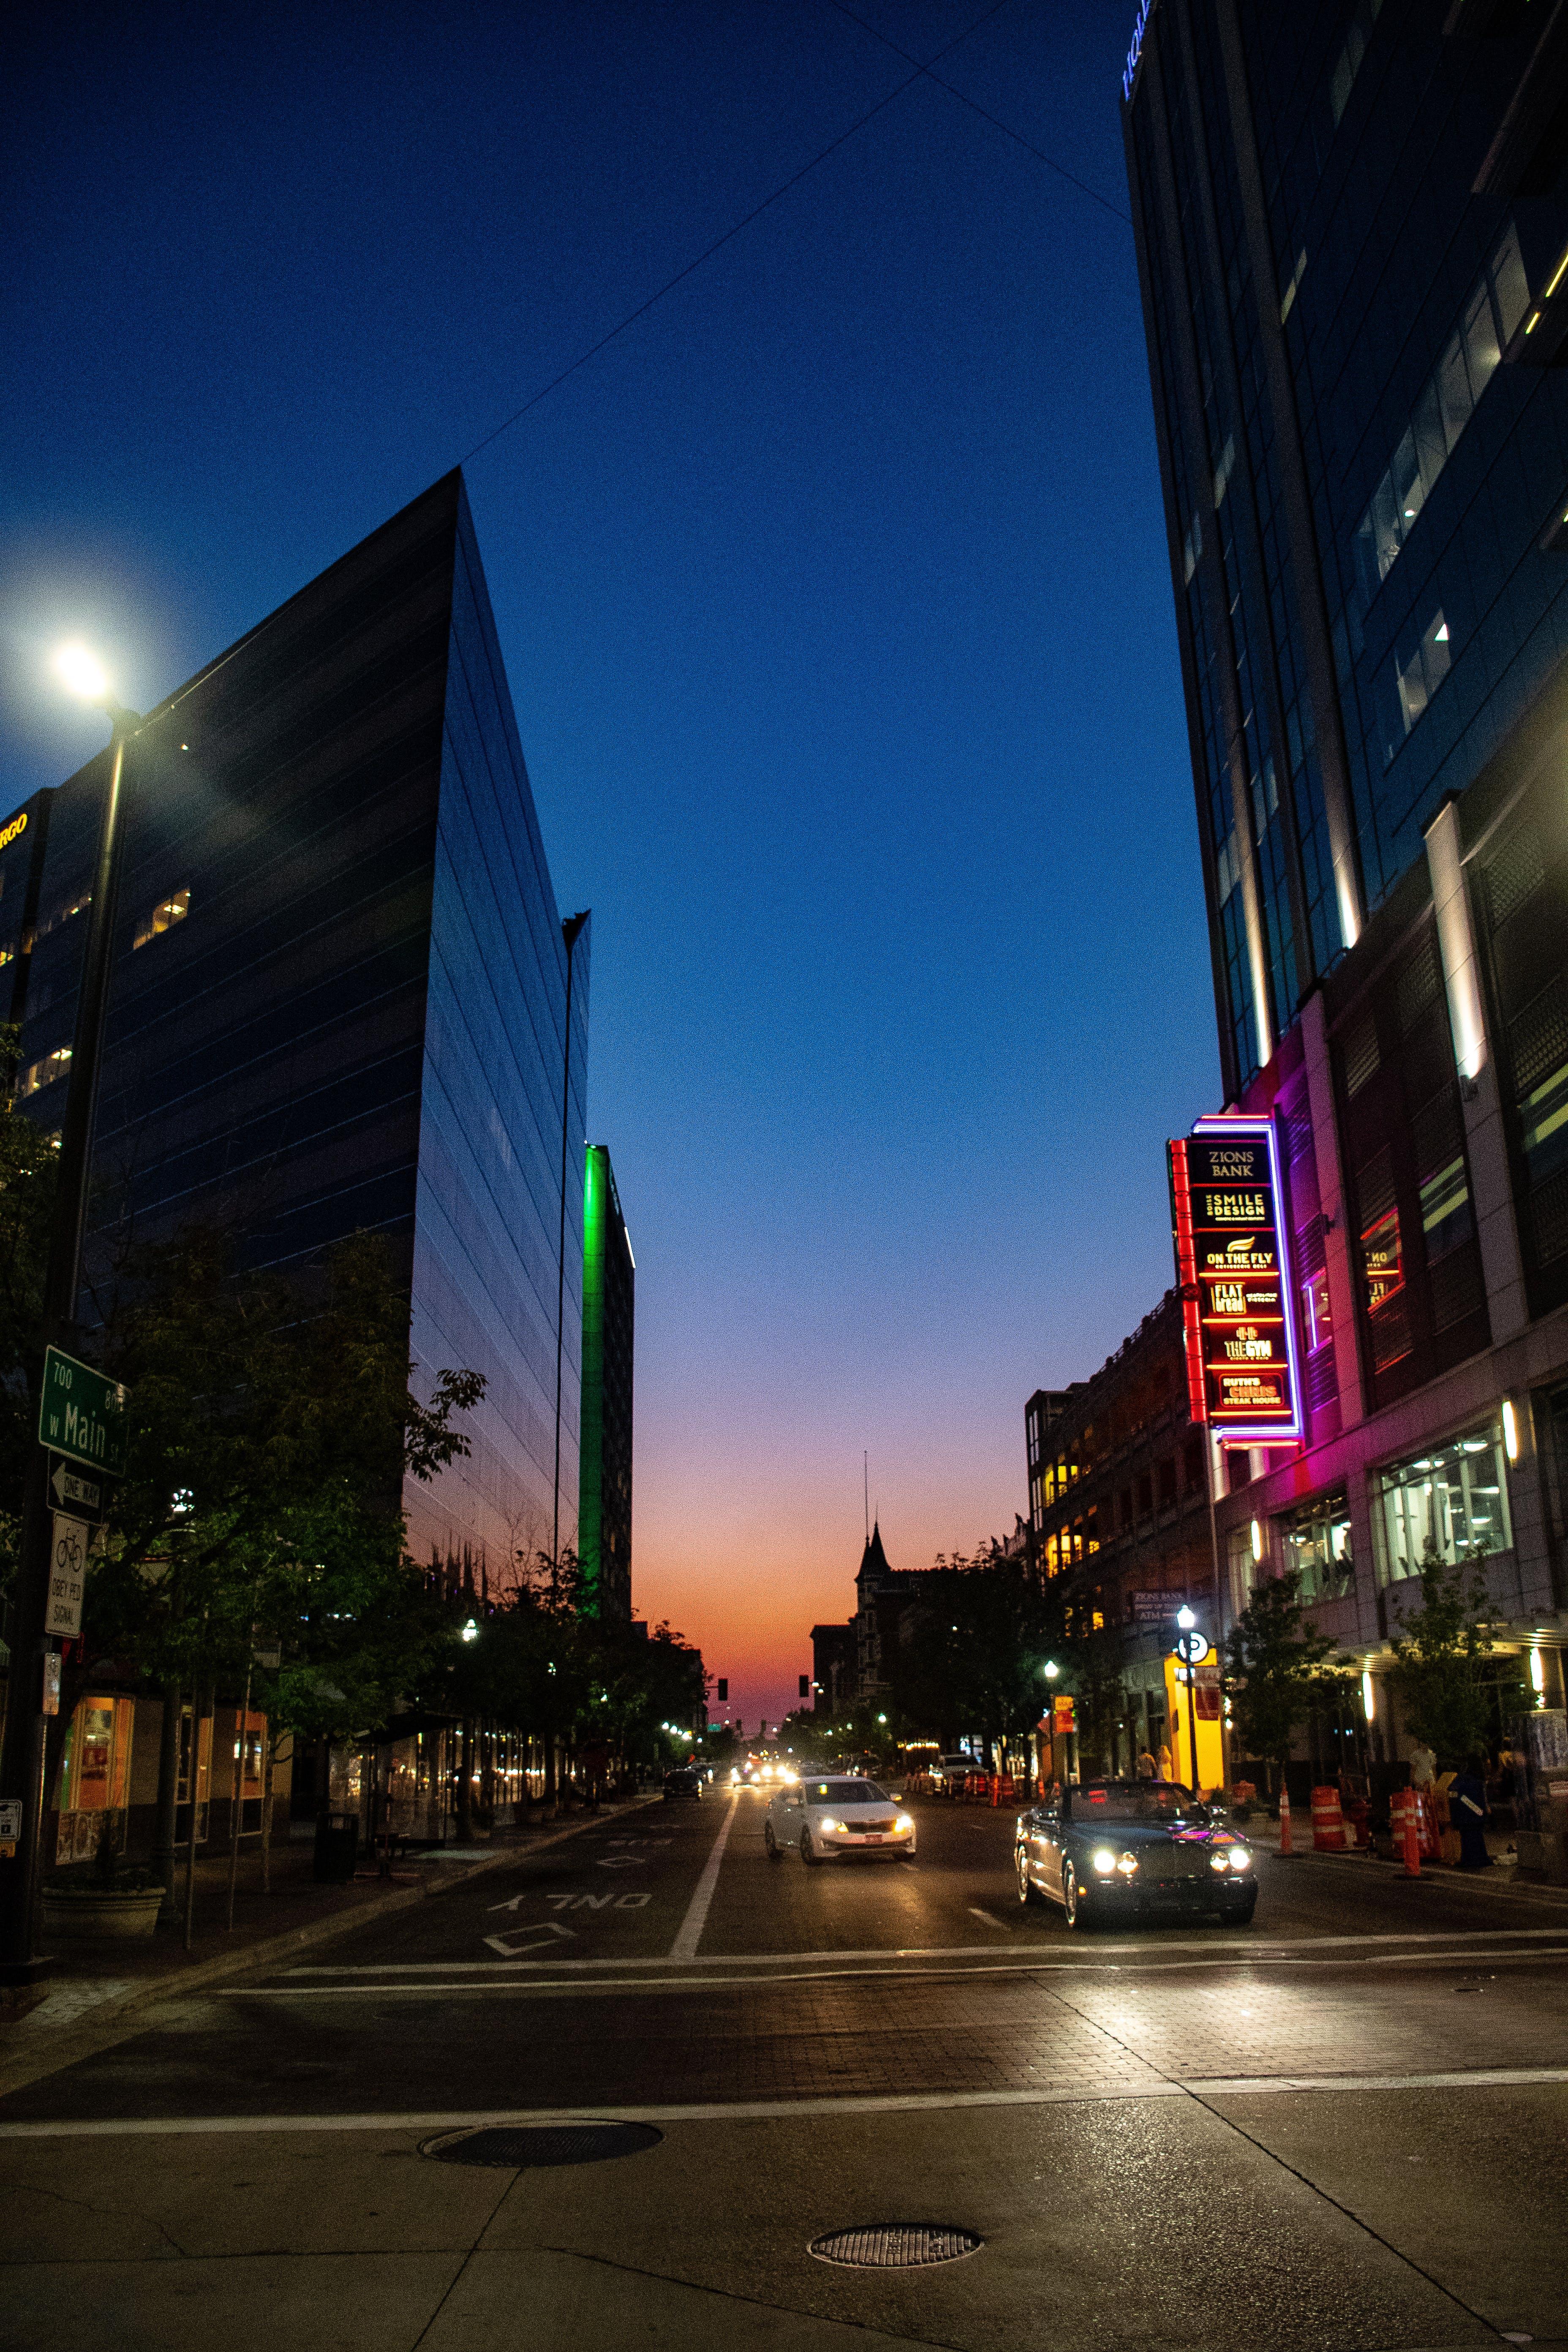 Δωρεάν στοκ φωτογραφιών με απόγευμα, αρχιτεκτονική, αστικός, αυτοκίνητα